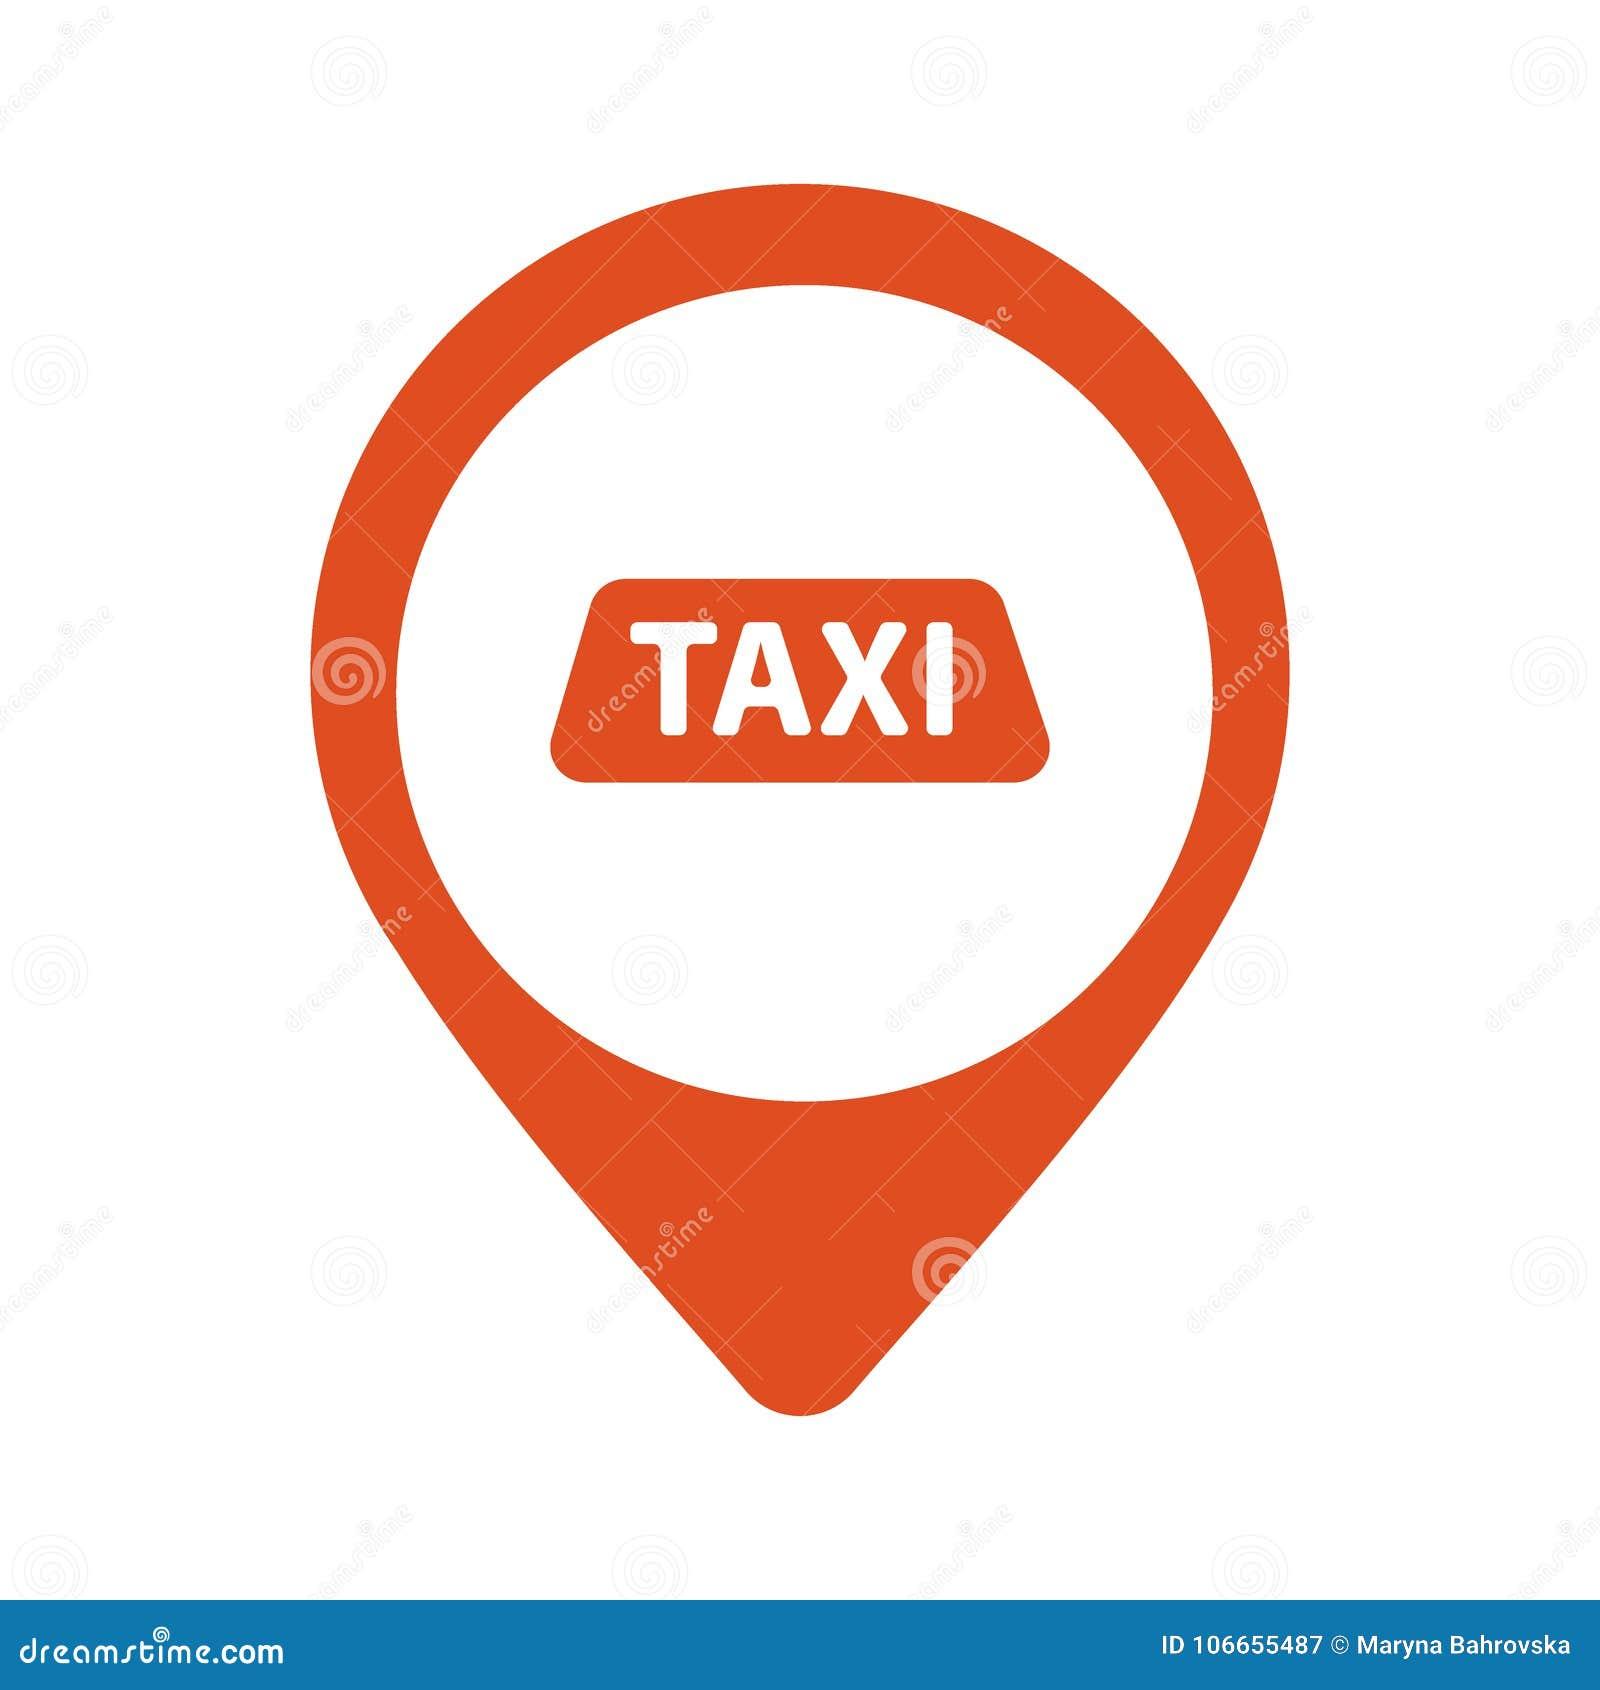 Taxi Cab Vector Logo Design Car Hire Badge App Emblem Taxi